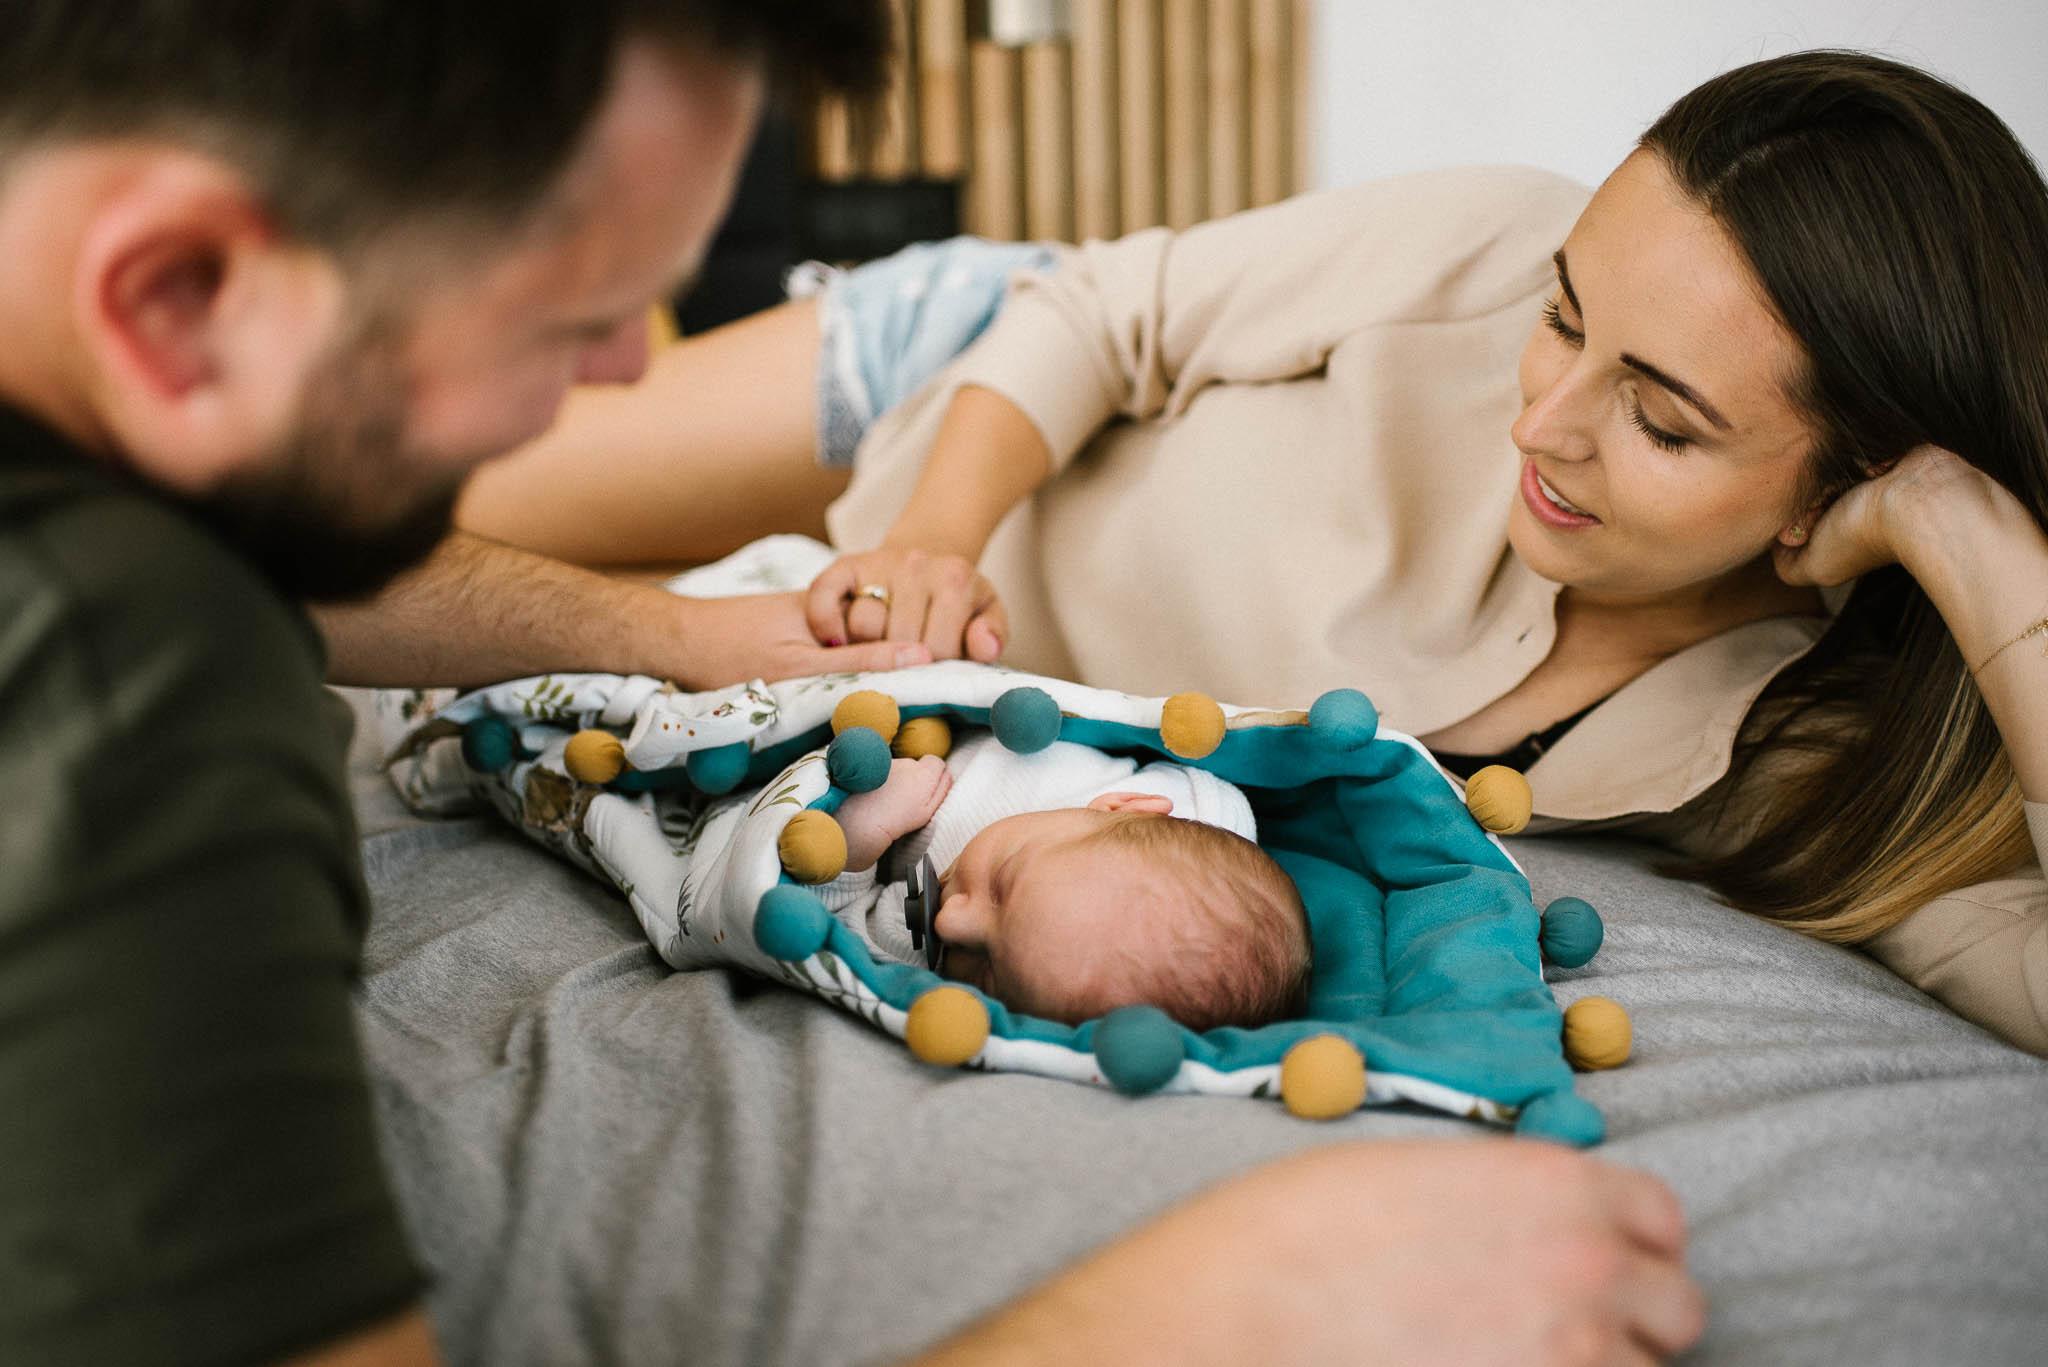 Rodzice leżą na łóżku i patrzą na noworodka - sesja noworodkowa lifestyle w Poznaniu